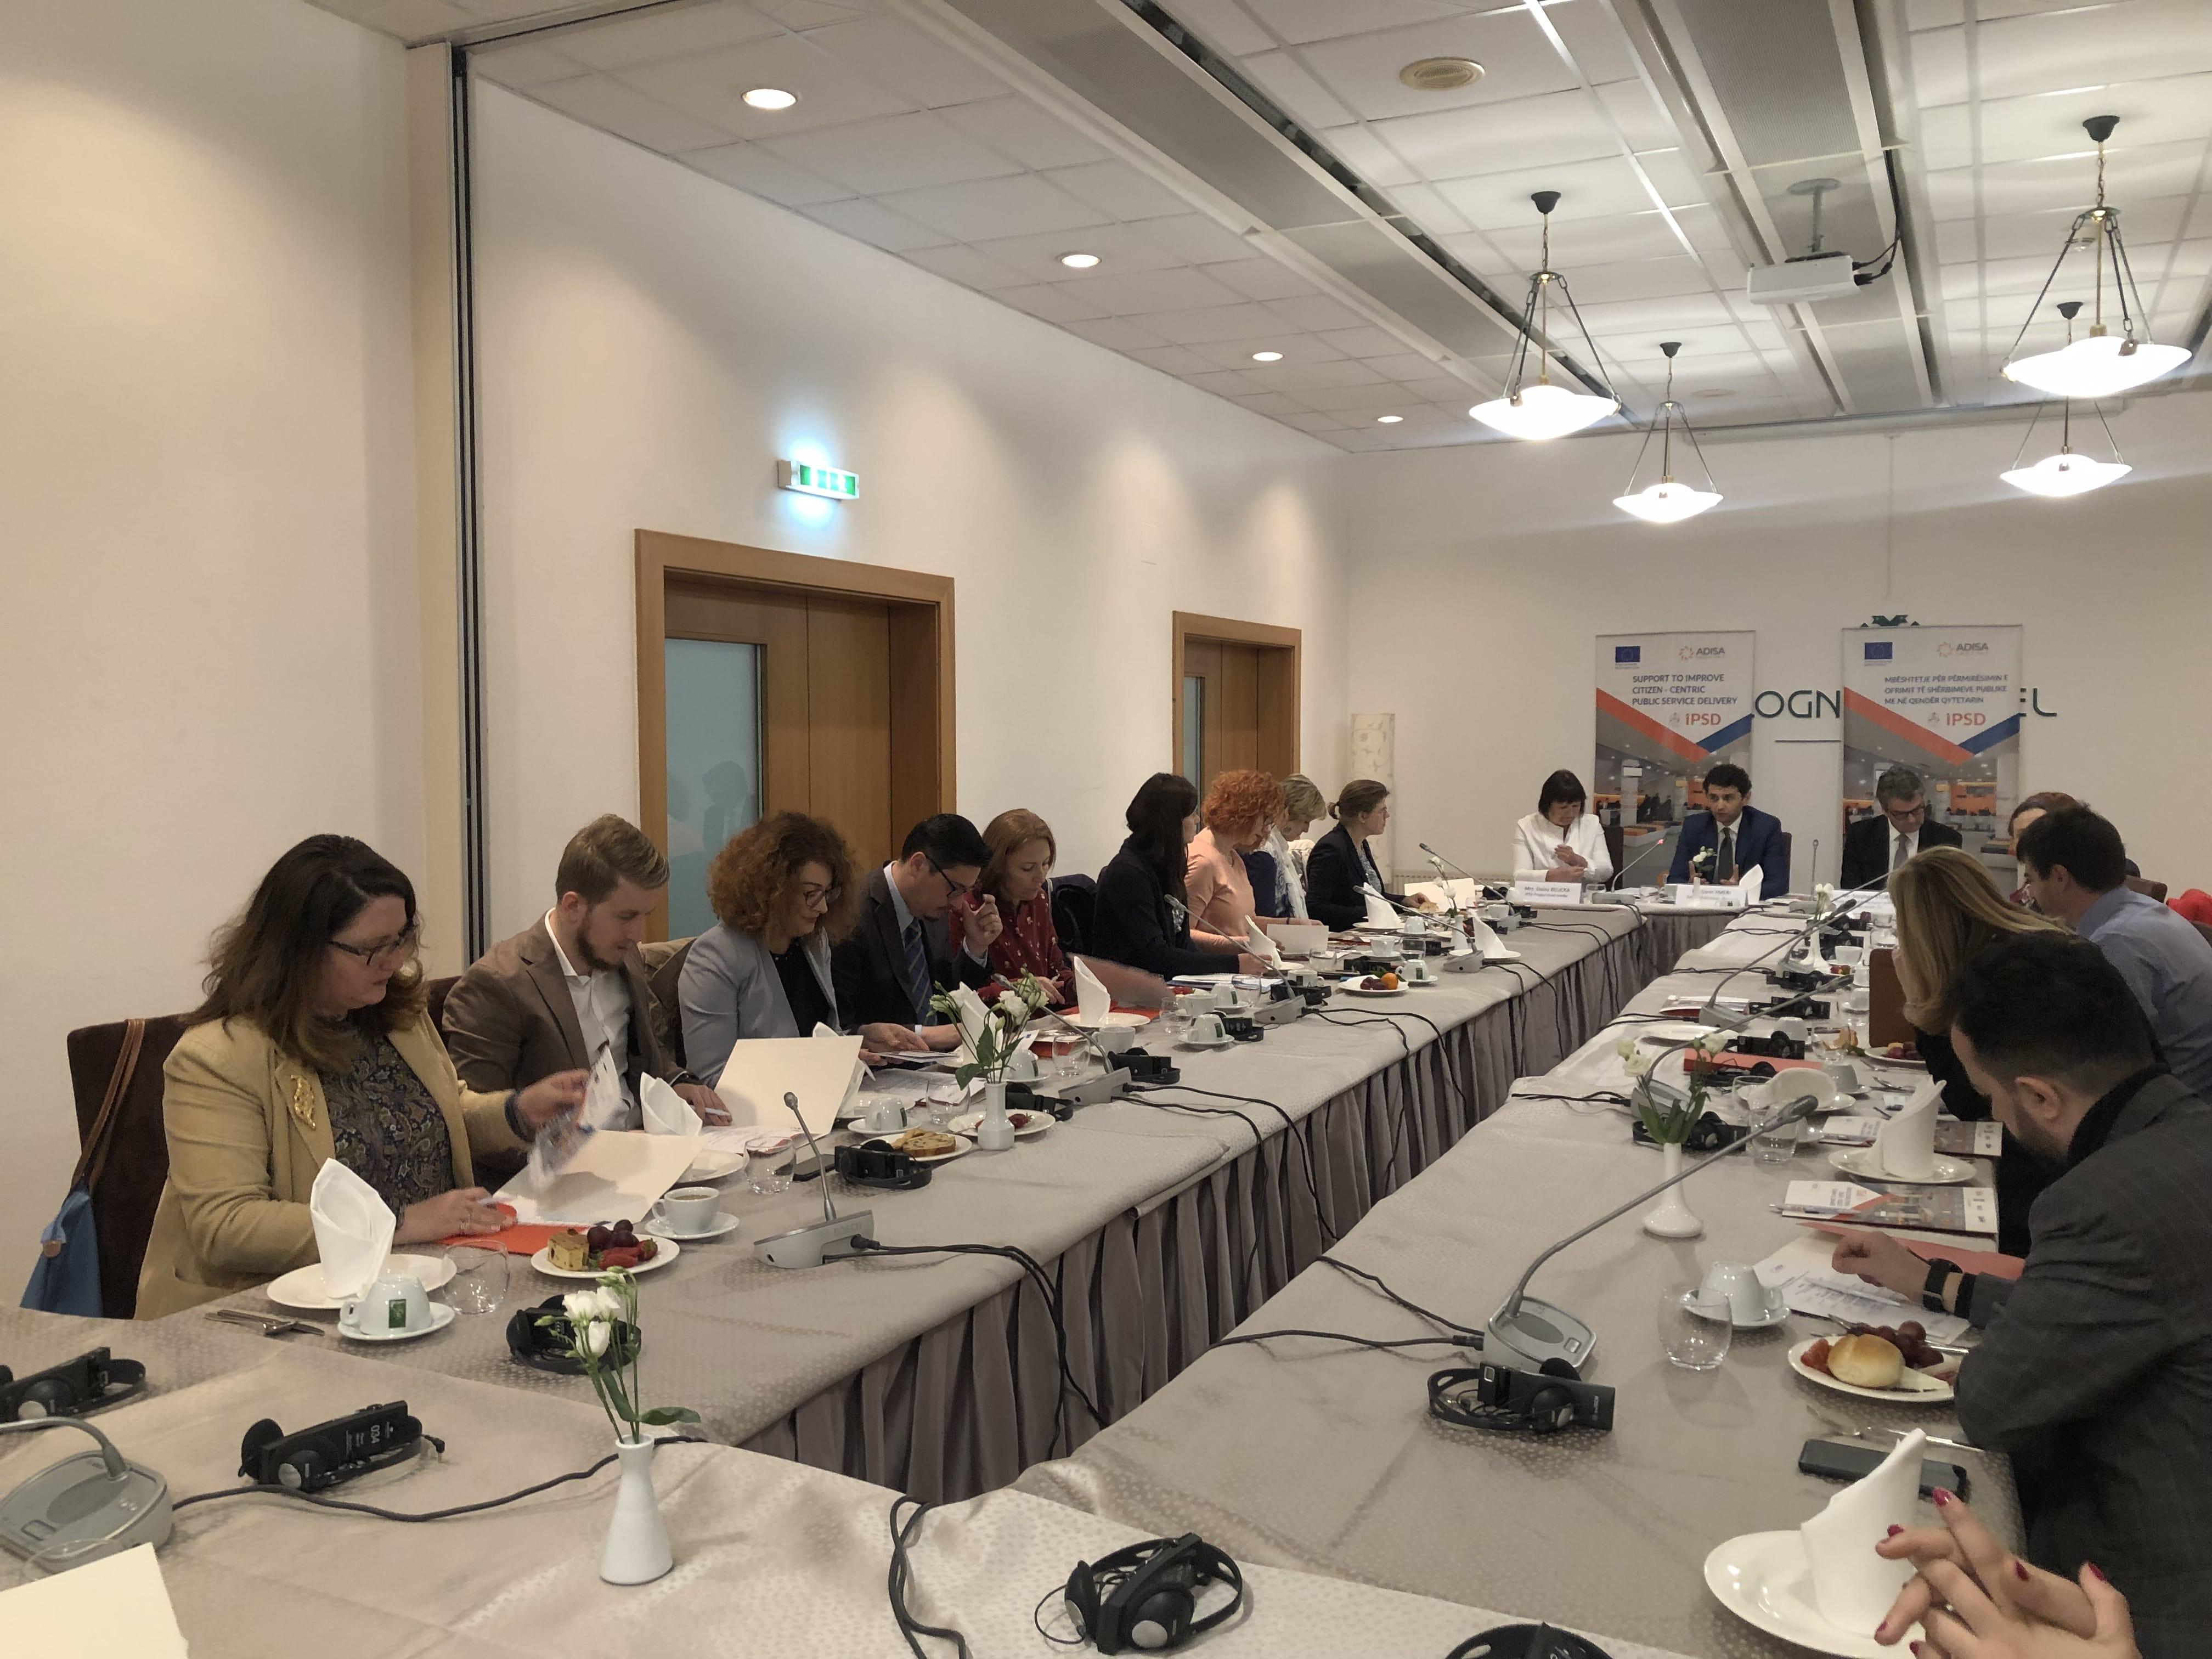 ADISA dhe IPSD takim me donatorë dhe anëtarë të përfaqësive të huaja diplomatike në Tiranë